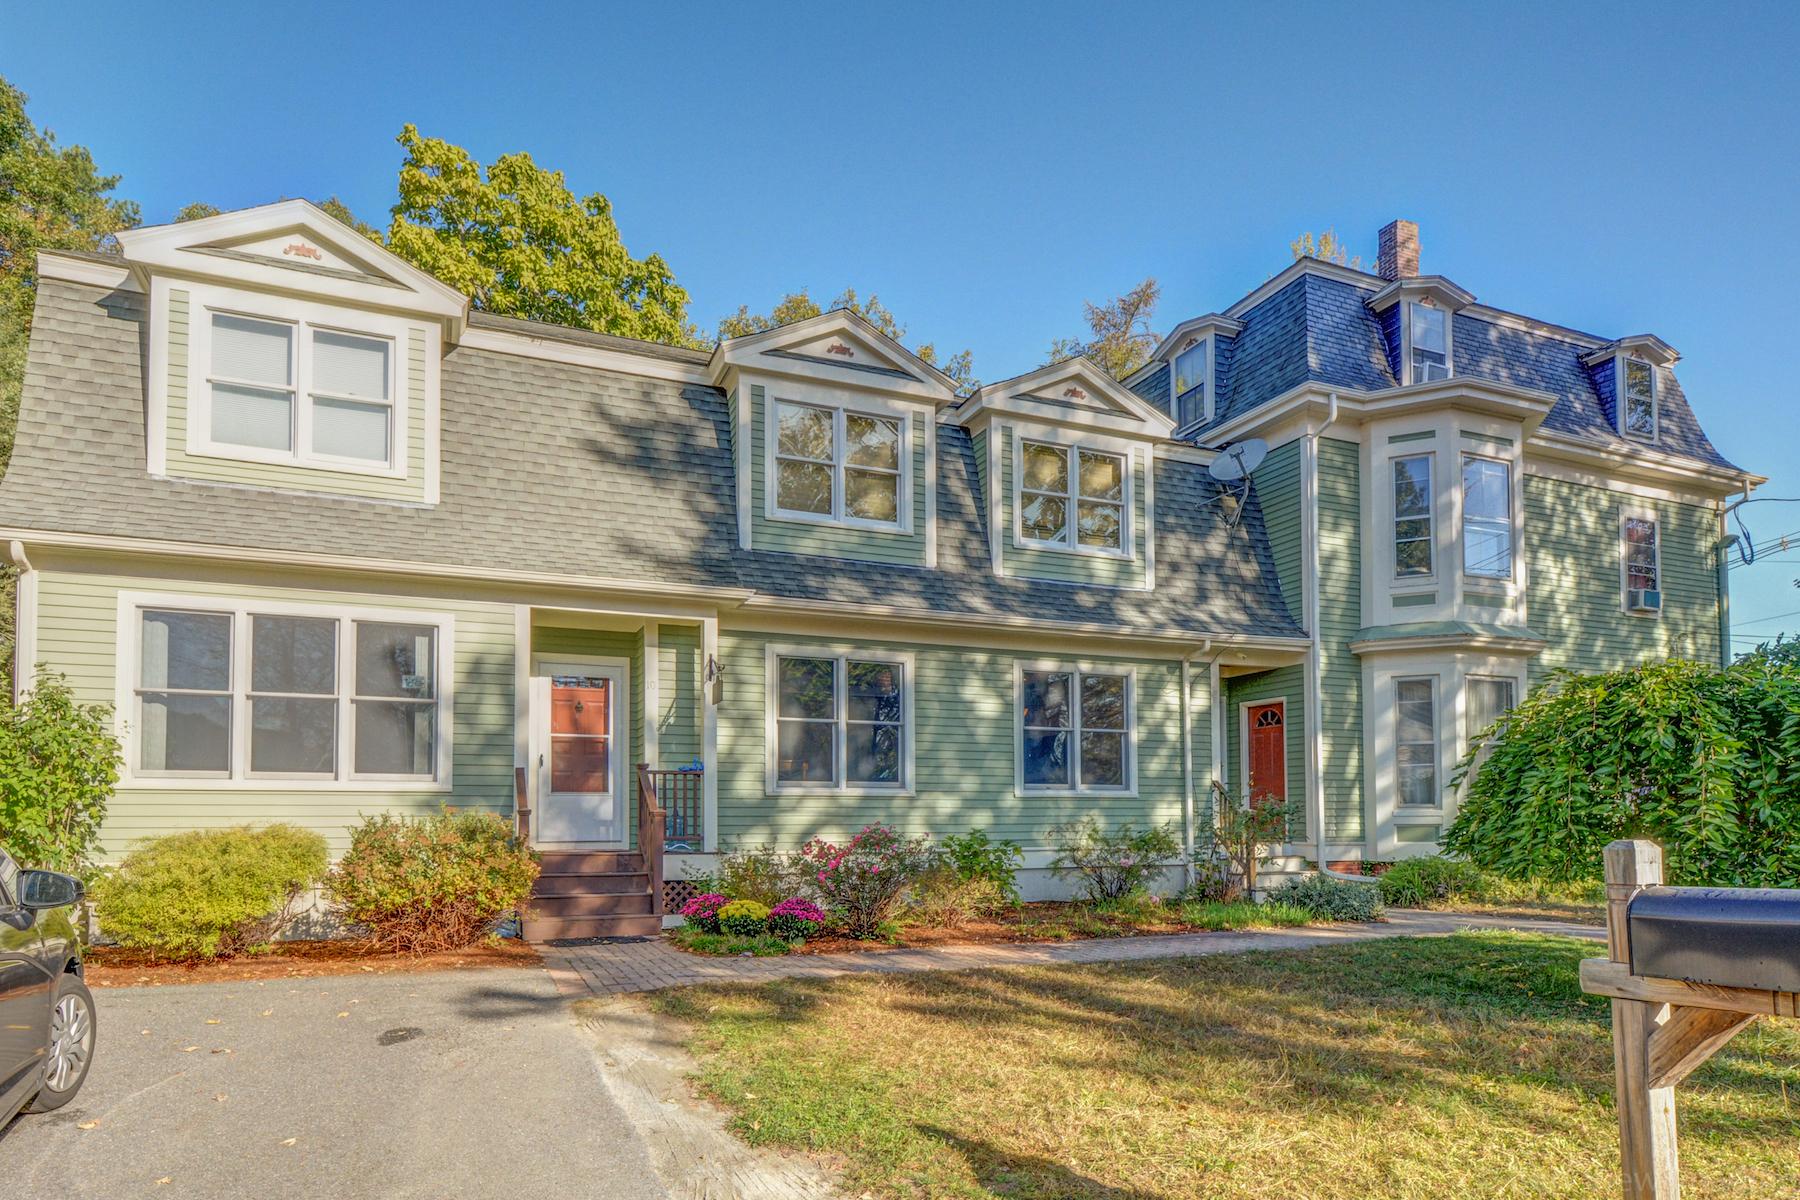 단독 가정 주택 용 매매 에 10 Highland St, Concord Concord, 매사추세츠, 01742 미국